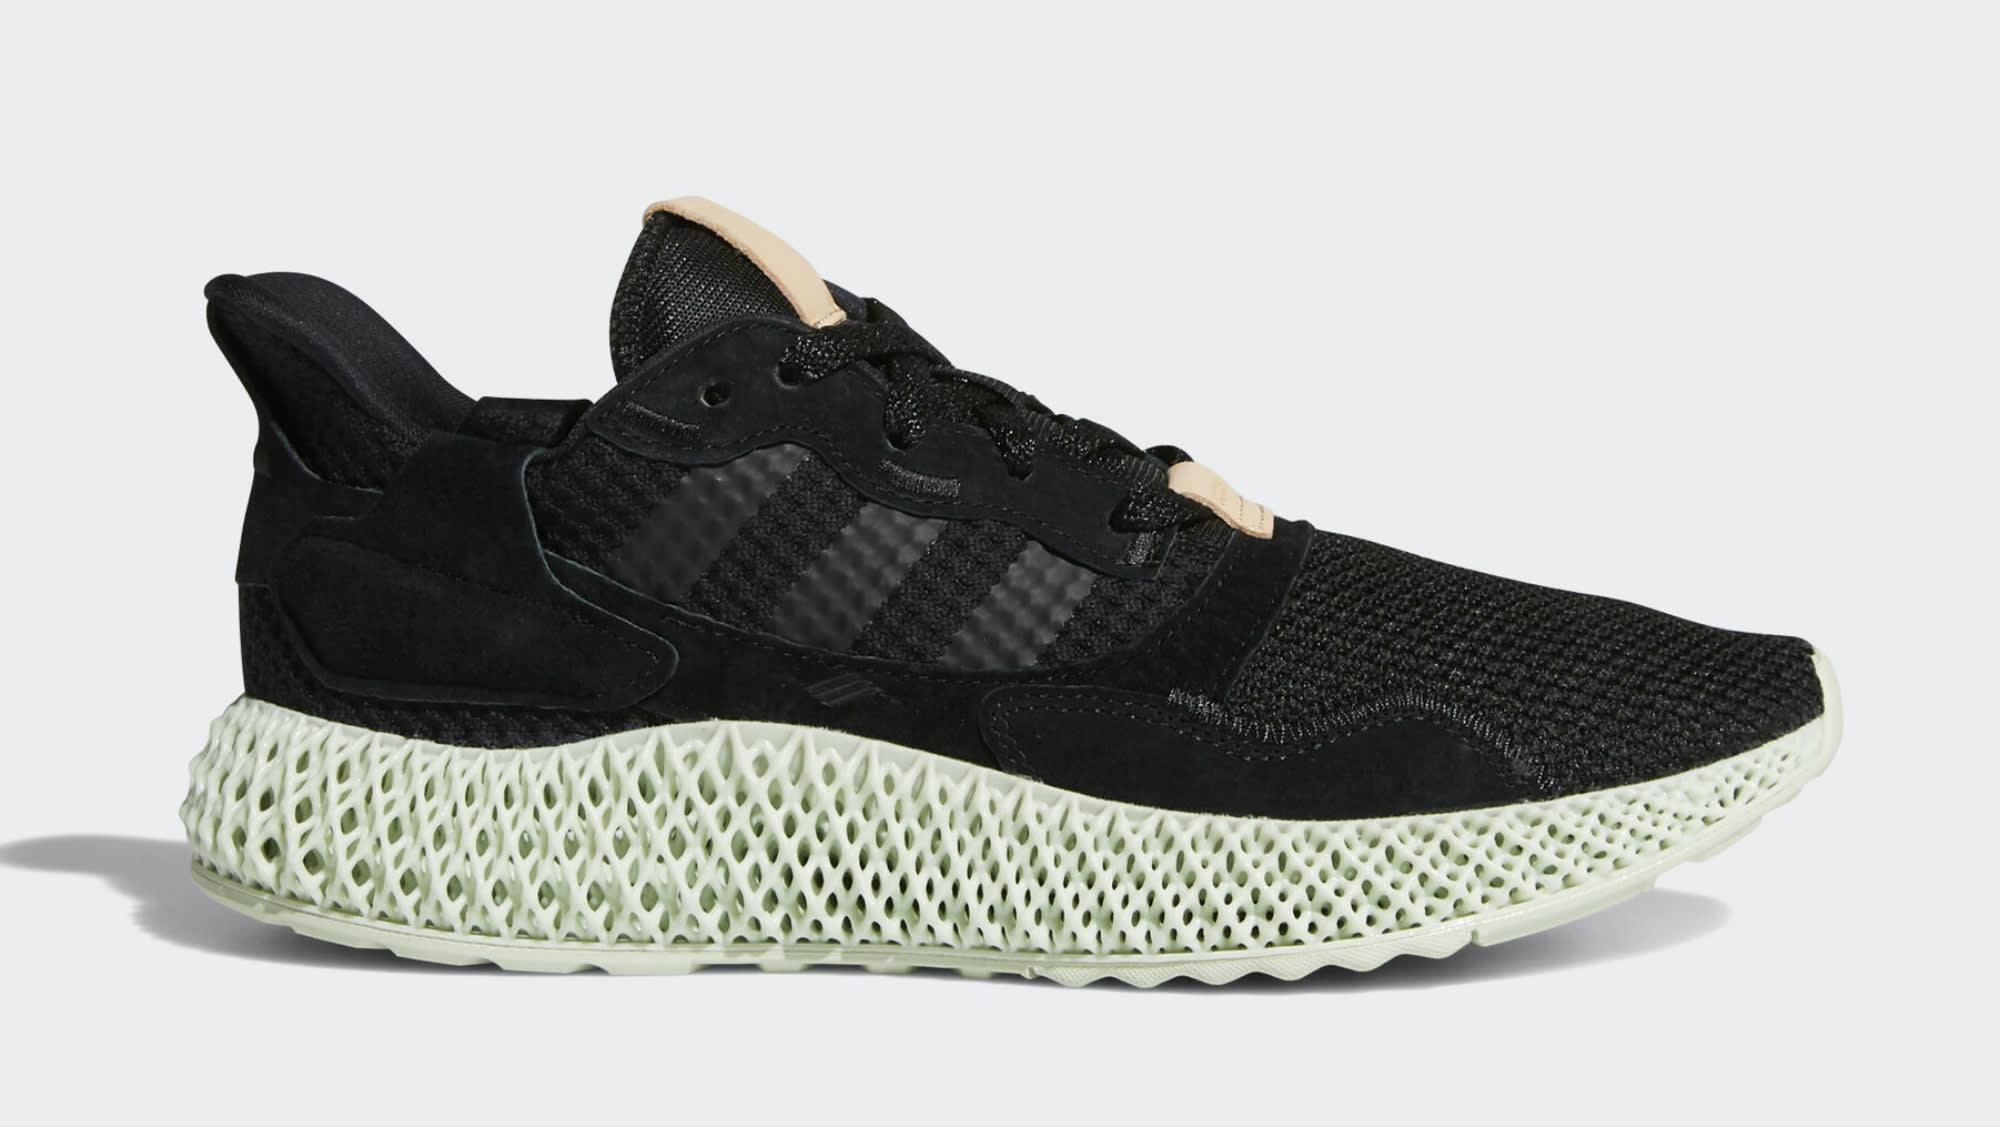 hender-scheme-adidas-zx-4000-4d-black-f36147-release-date